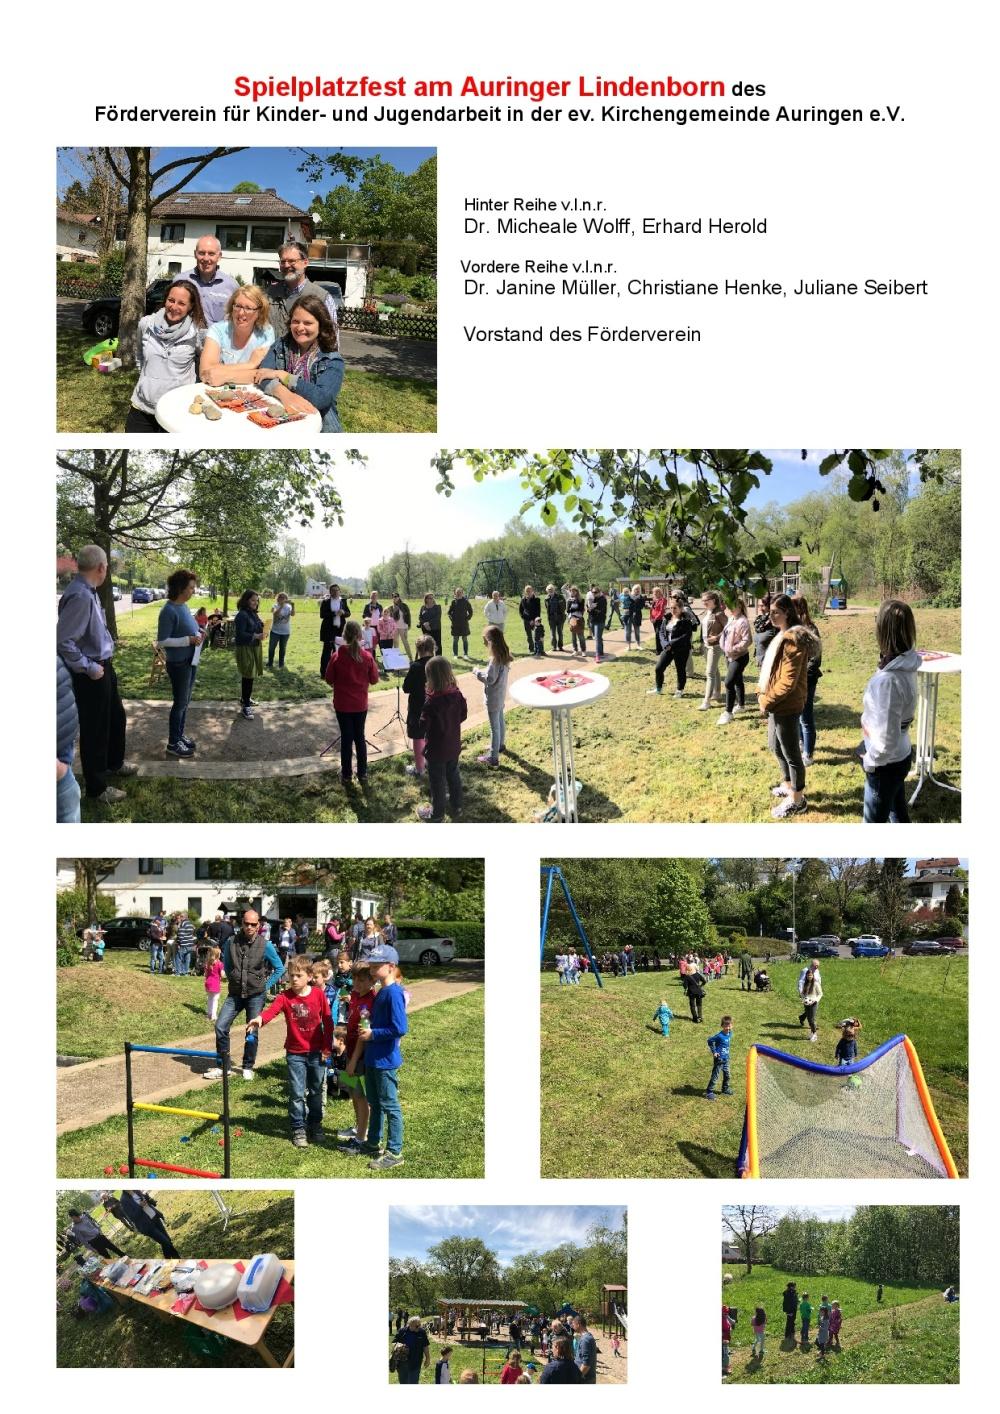 2017-05-08 Spielplatzfest des-001